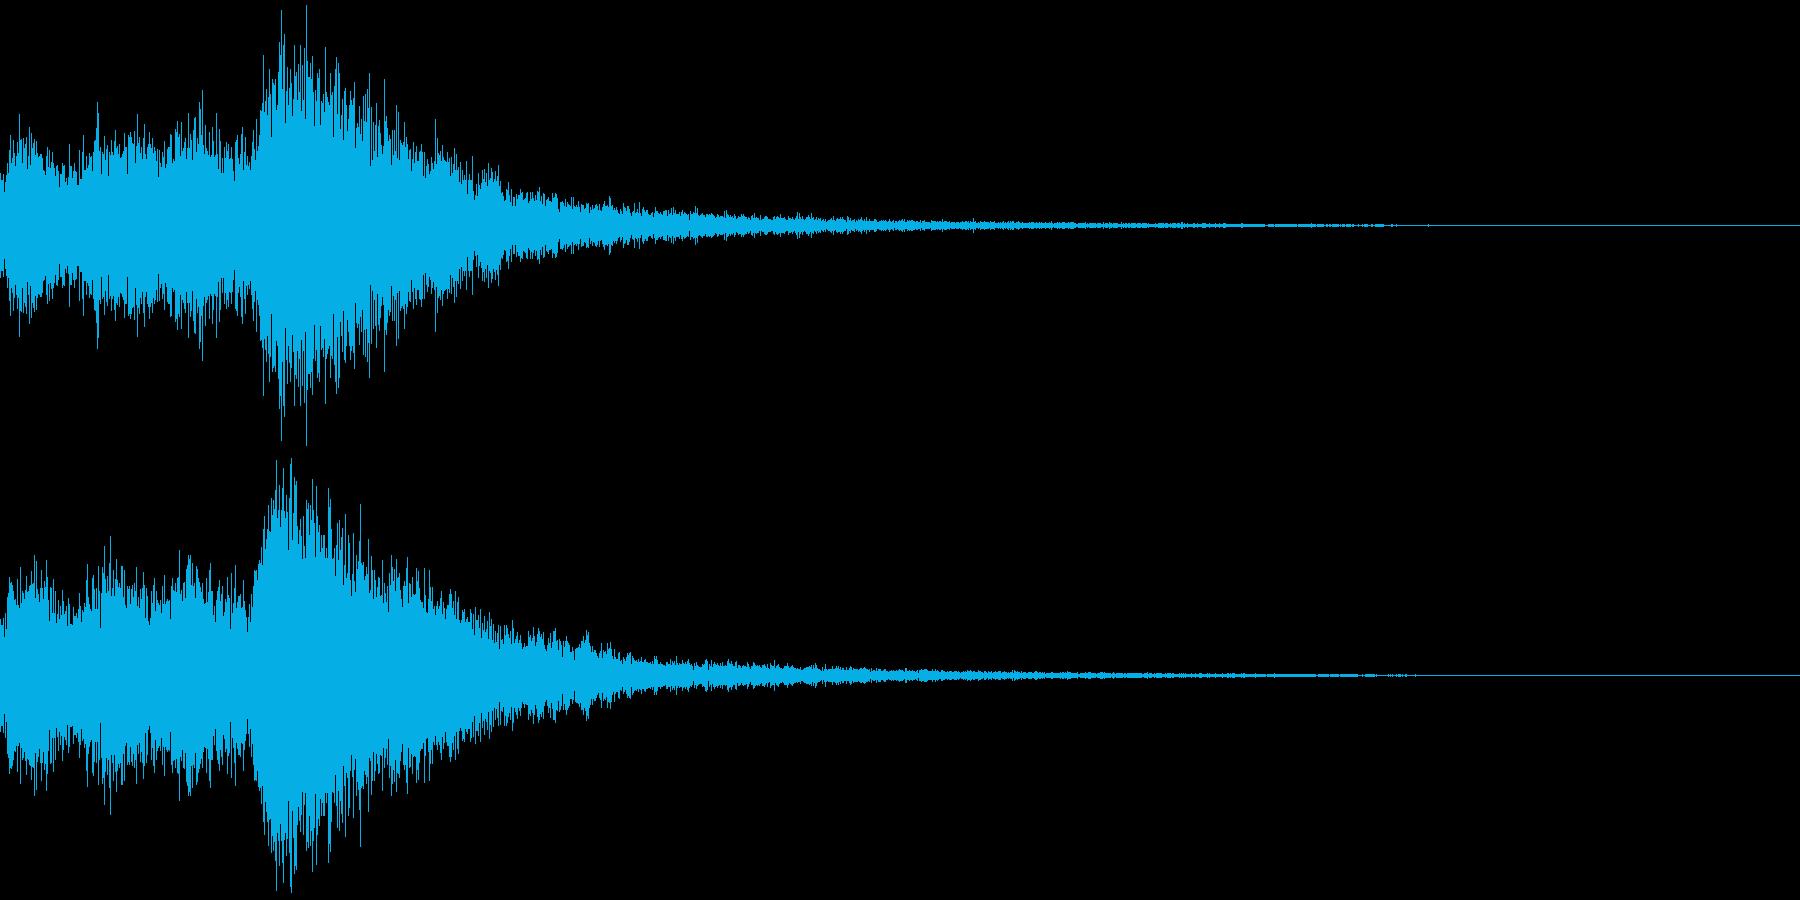 オーケストラヒット ジングル! 03+の再生済みの波形